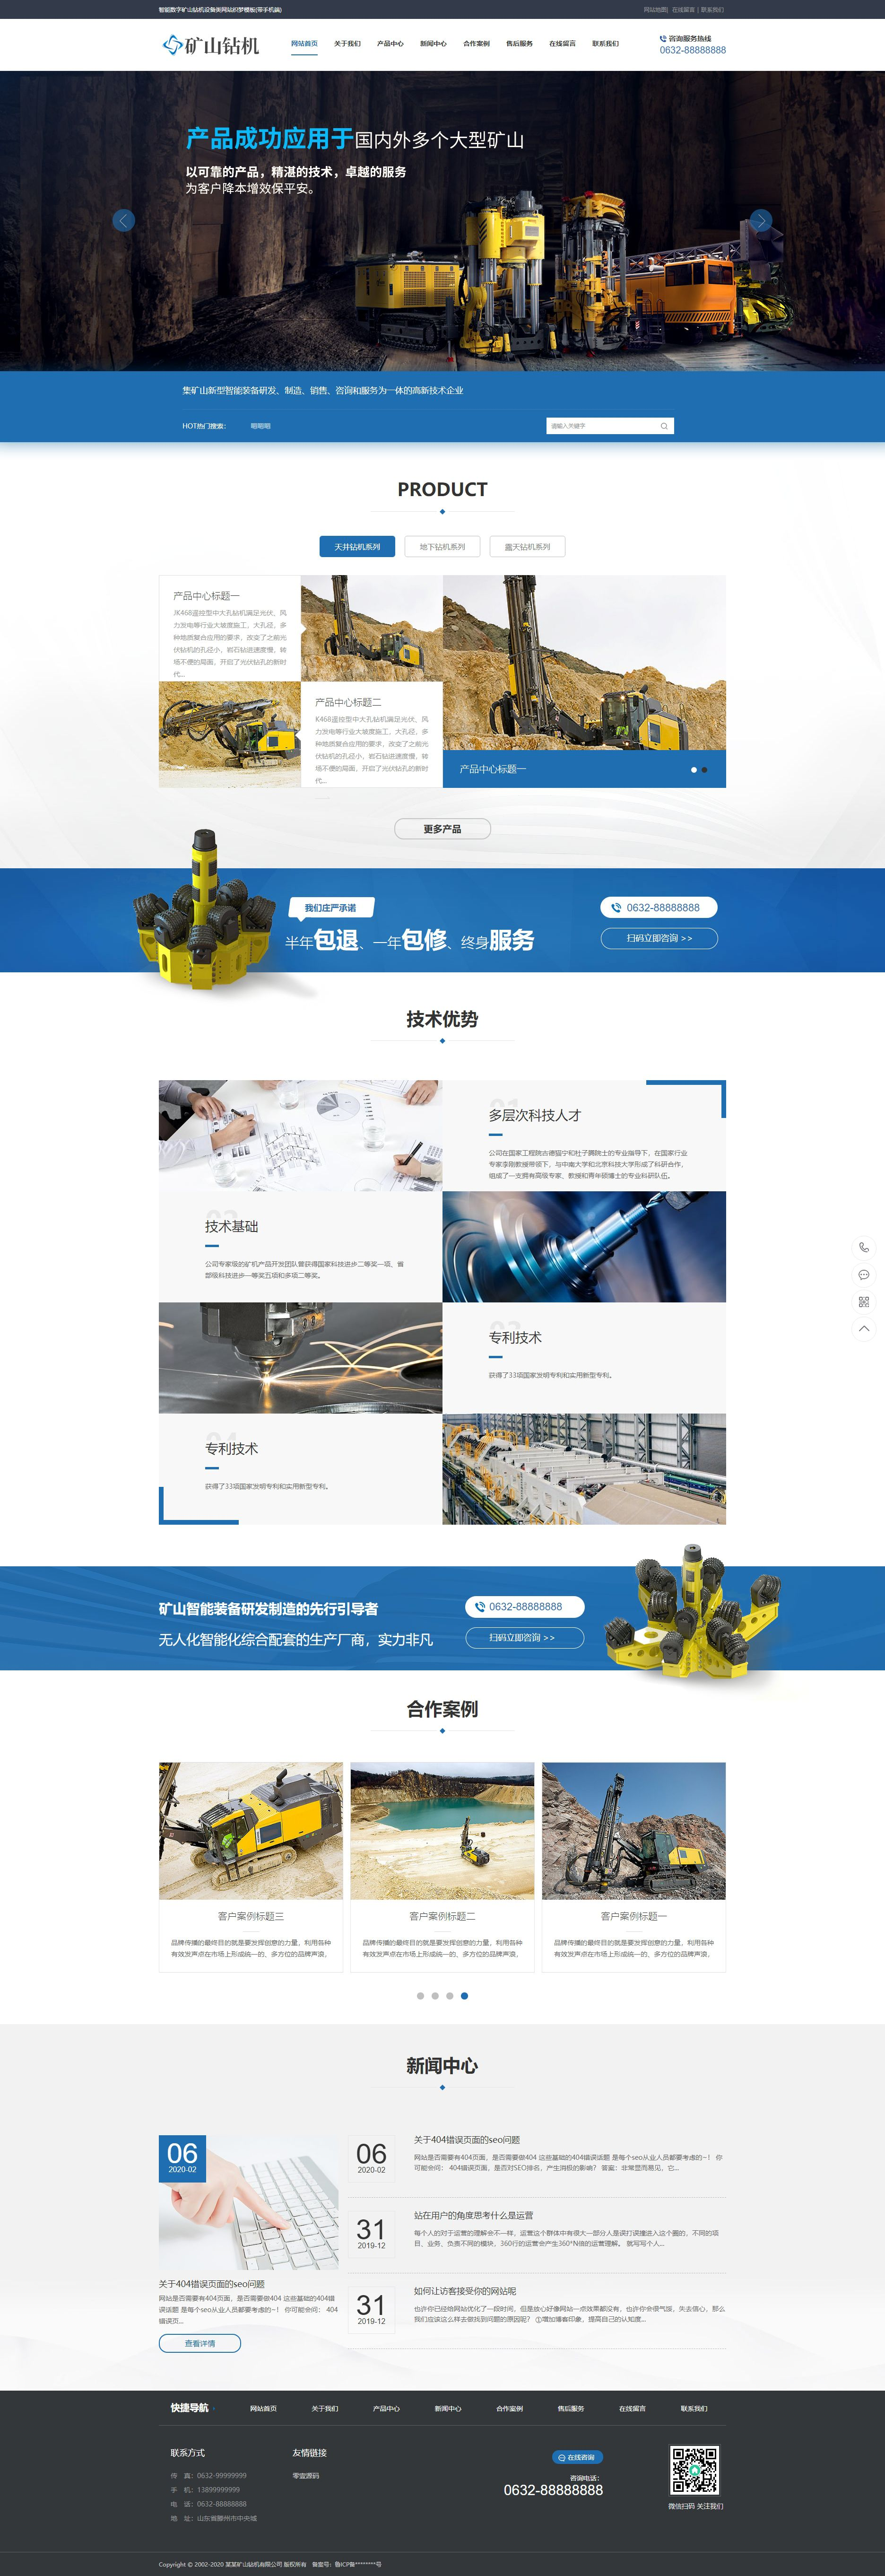 智能数字矿山钻机设备类网站织梦dedecms模板(带手机端)